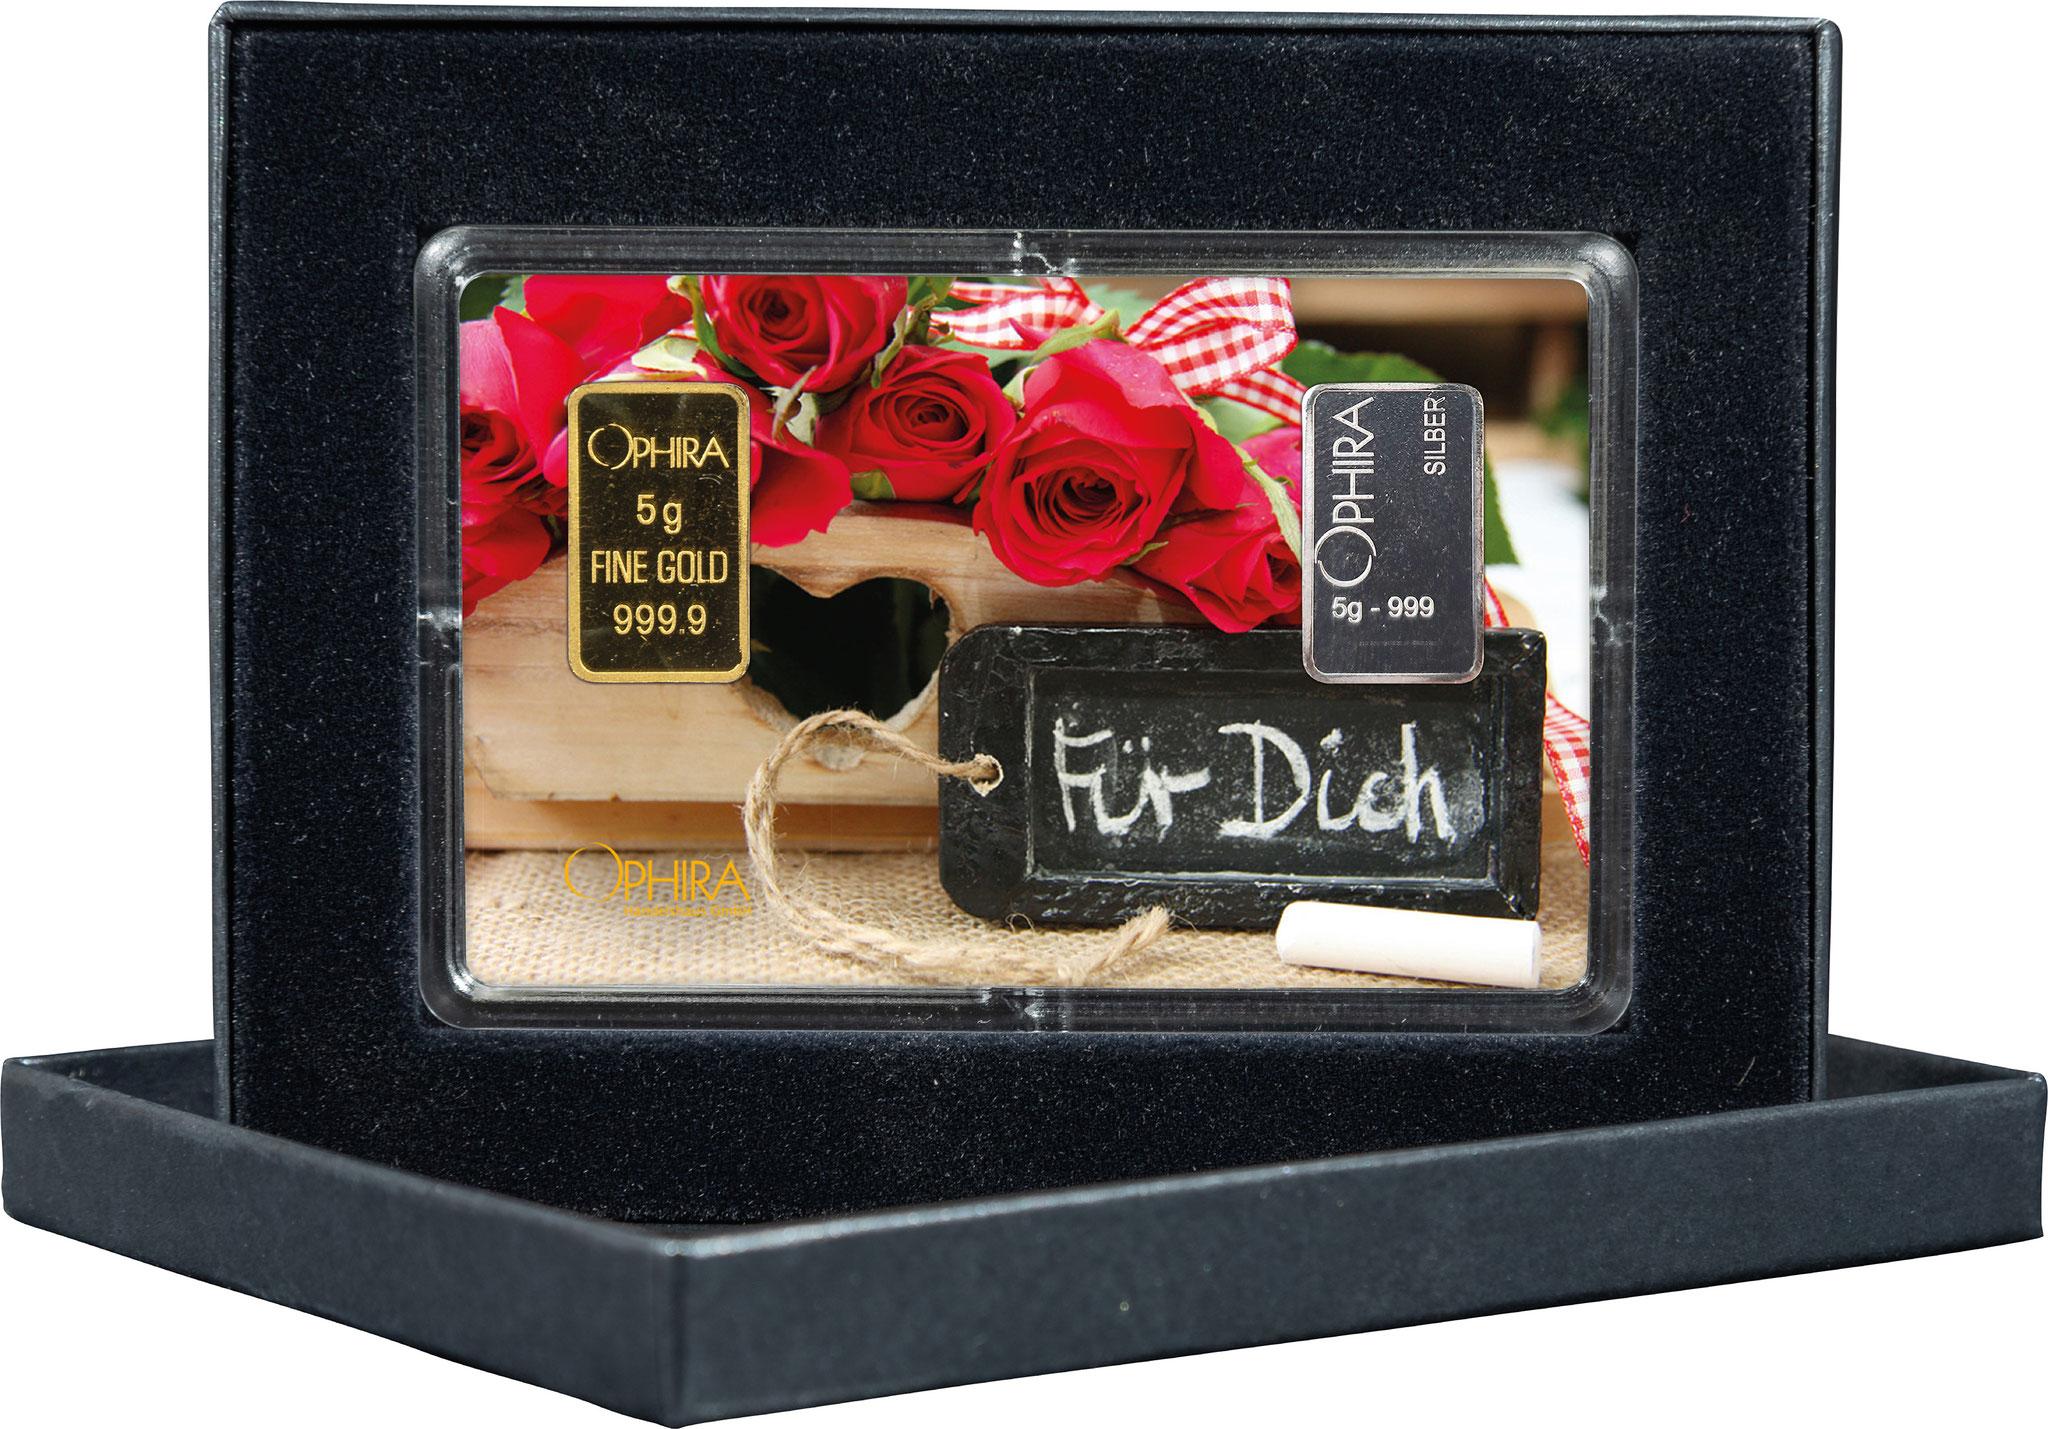 Geschenkbarren Valentinstag Geburtstag Muttertag mit einem Gold- und Silberbarren in edlem Etui